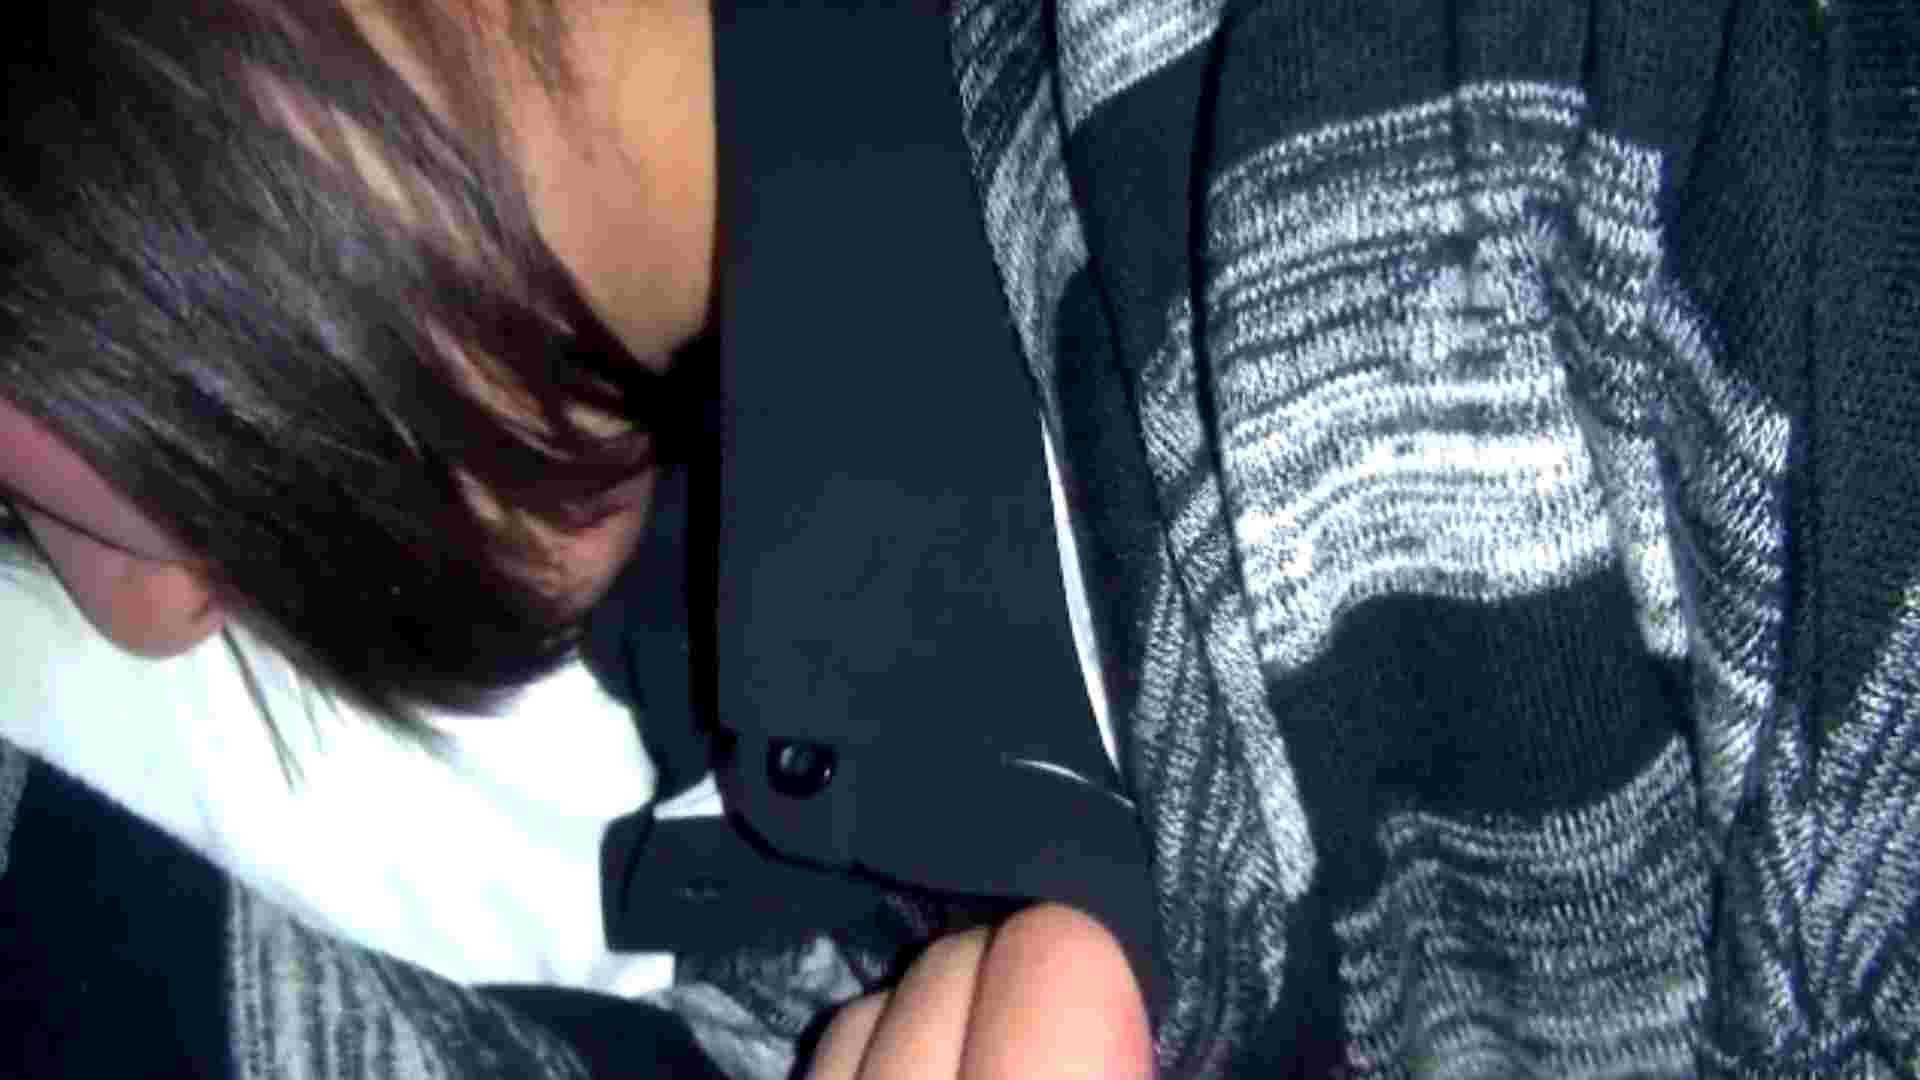 vol.34 【AIちゃん】 黒髪19歳 夏休みのプチ家出中 1回目 細身体型 ぱこり動画紹介 78枚 67